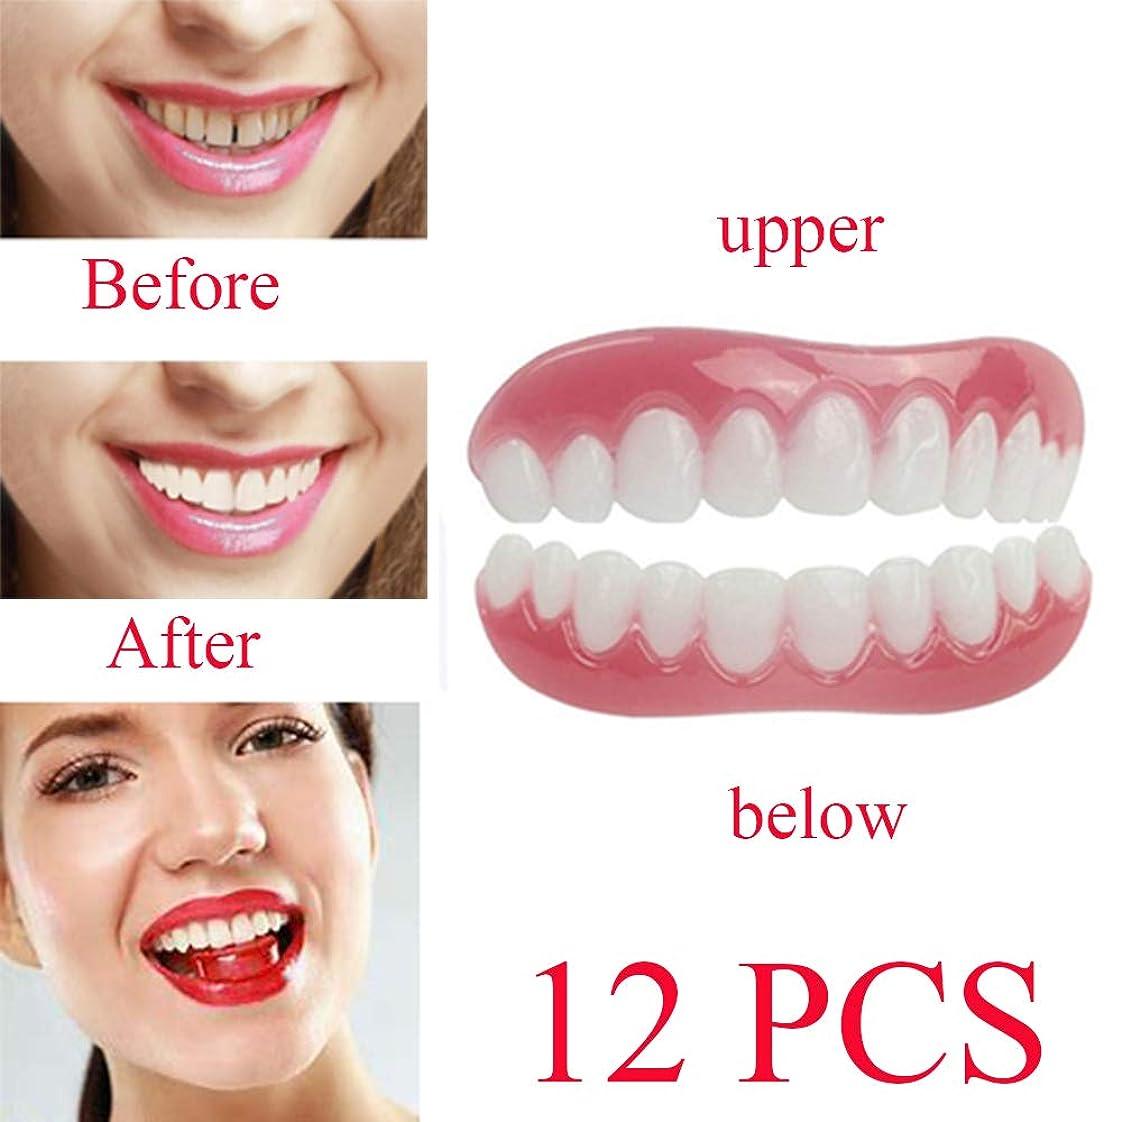 内部金銭的な無駄模造歯12 PCS快適な柔らかい化粧板突き板突き合わせ歯完璧な笑顔義歯ホワイトニングブレースo口腔衛生ケア(上+下)